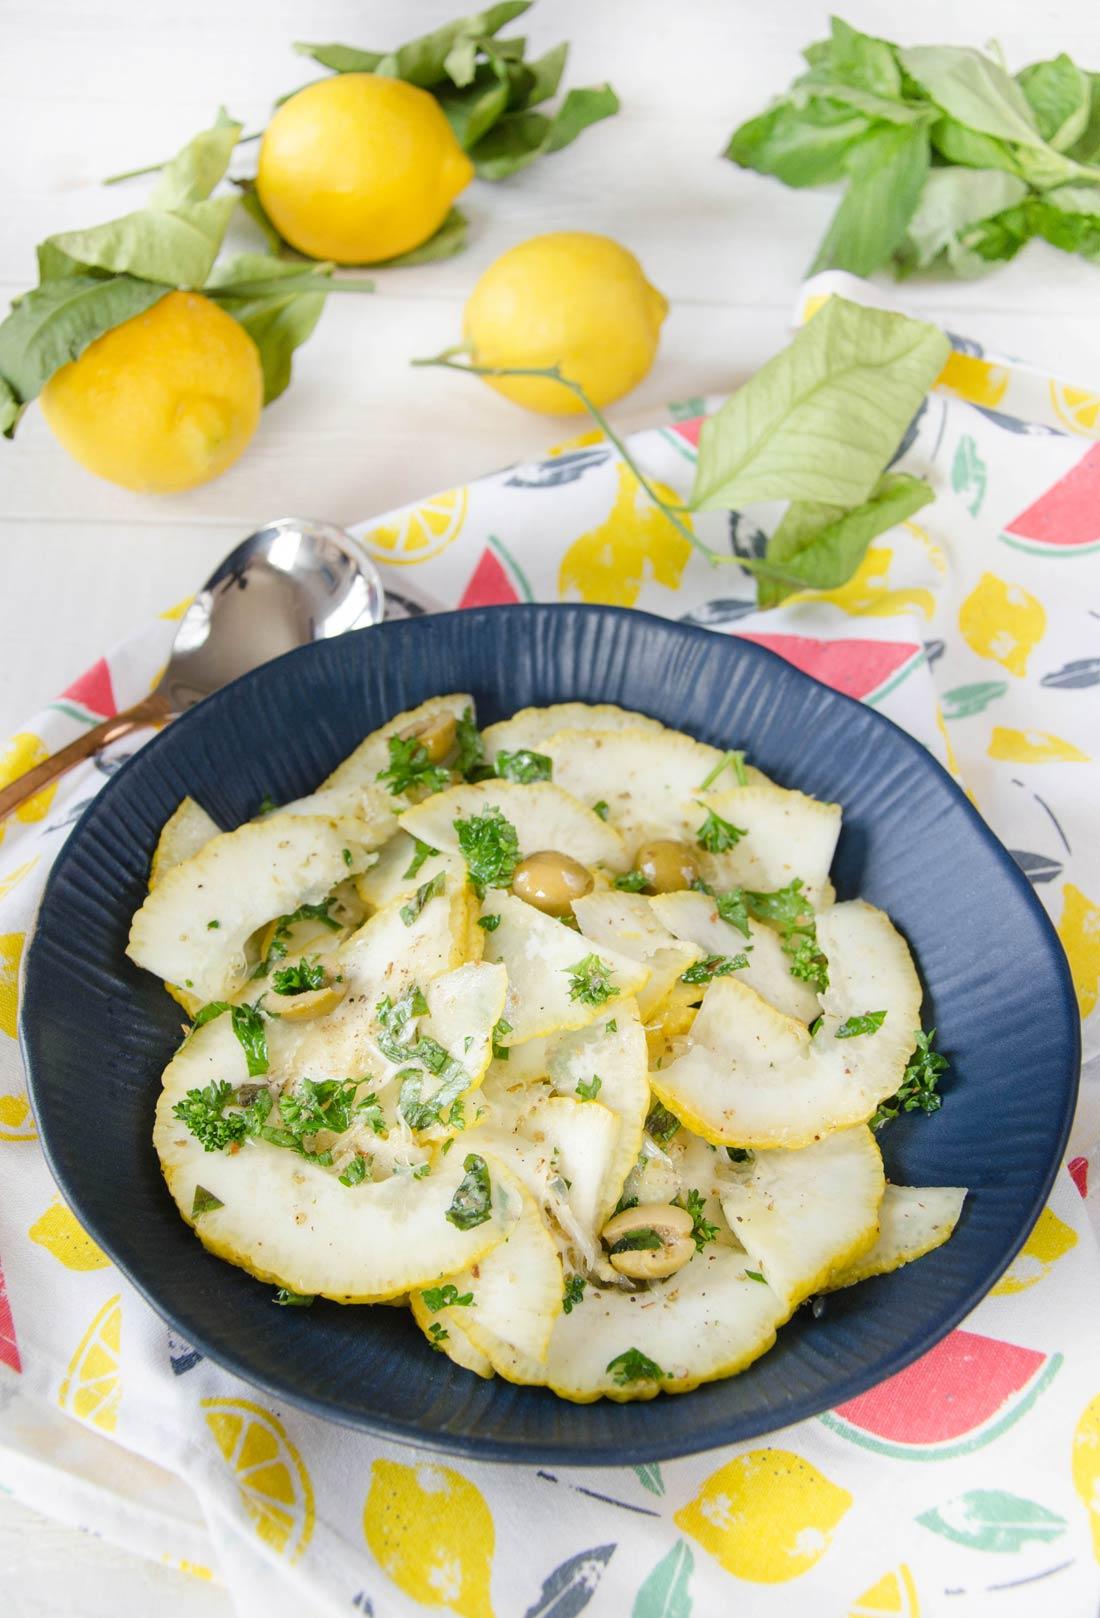 Salade citron cédrat herbes olives fait maison